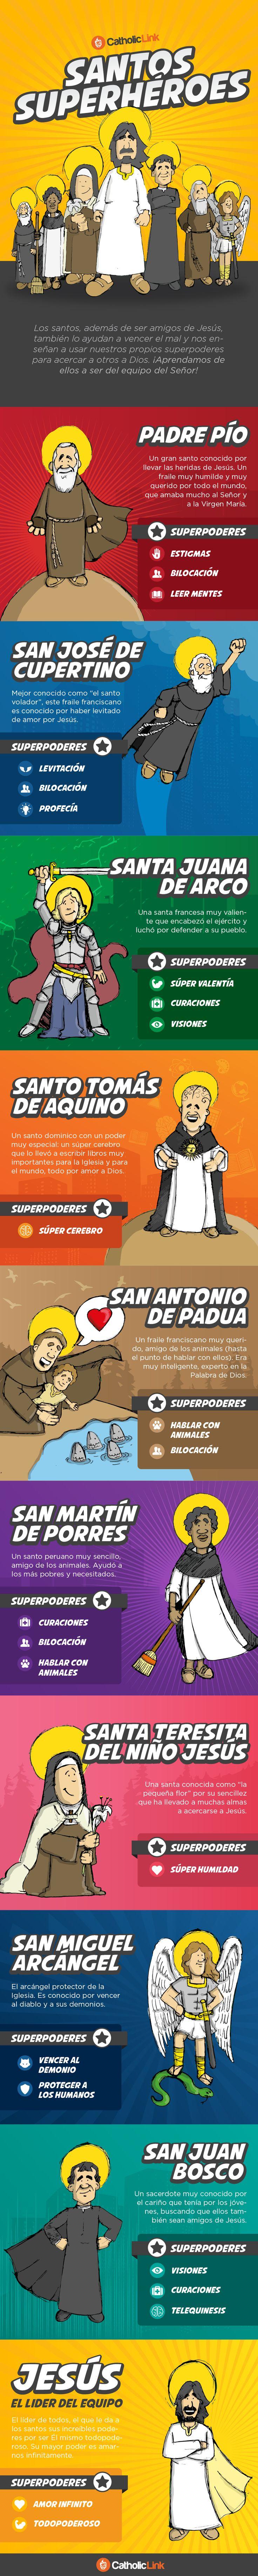 Info Santos Superheroes-01                                                                                                                                                                                 Más